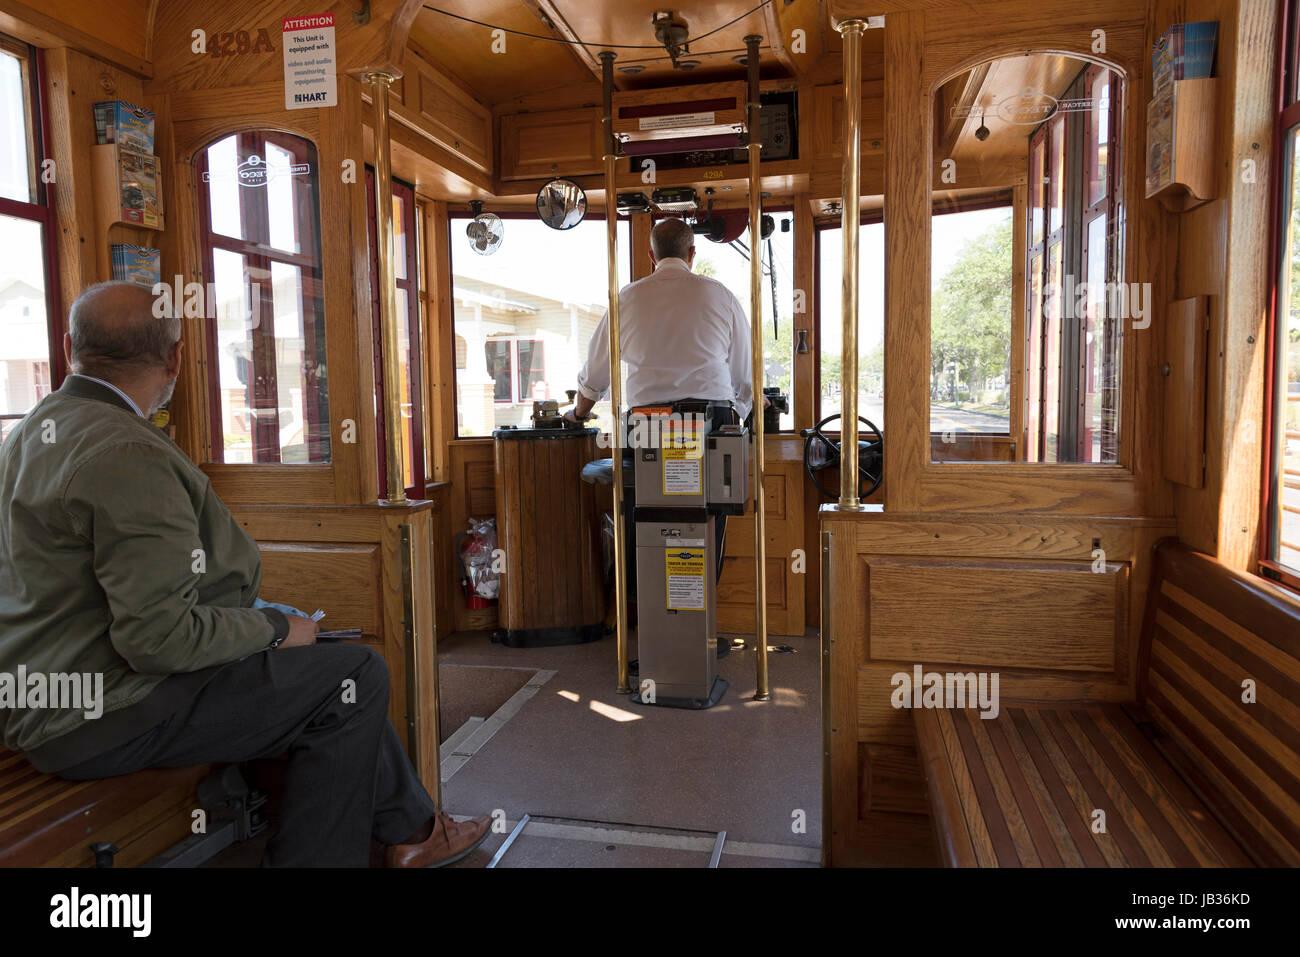 L'intérieur d'un tramway avec la conduite faisant valoir. Tampa, en Floride, USA. Avril 2017 Photo Stock